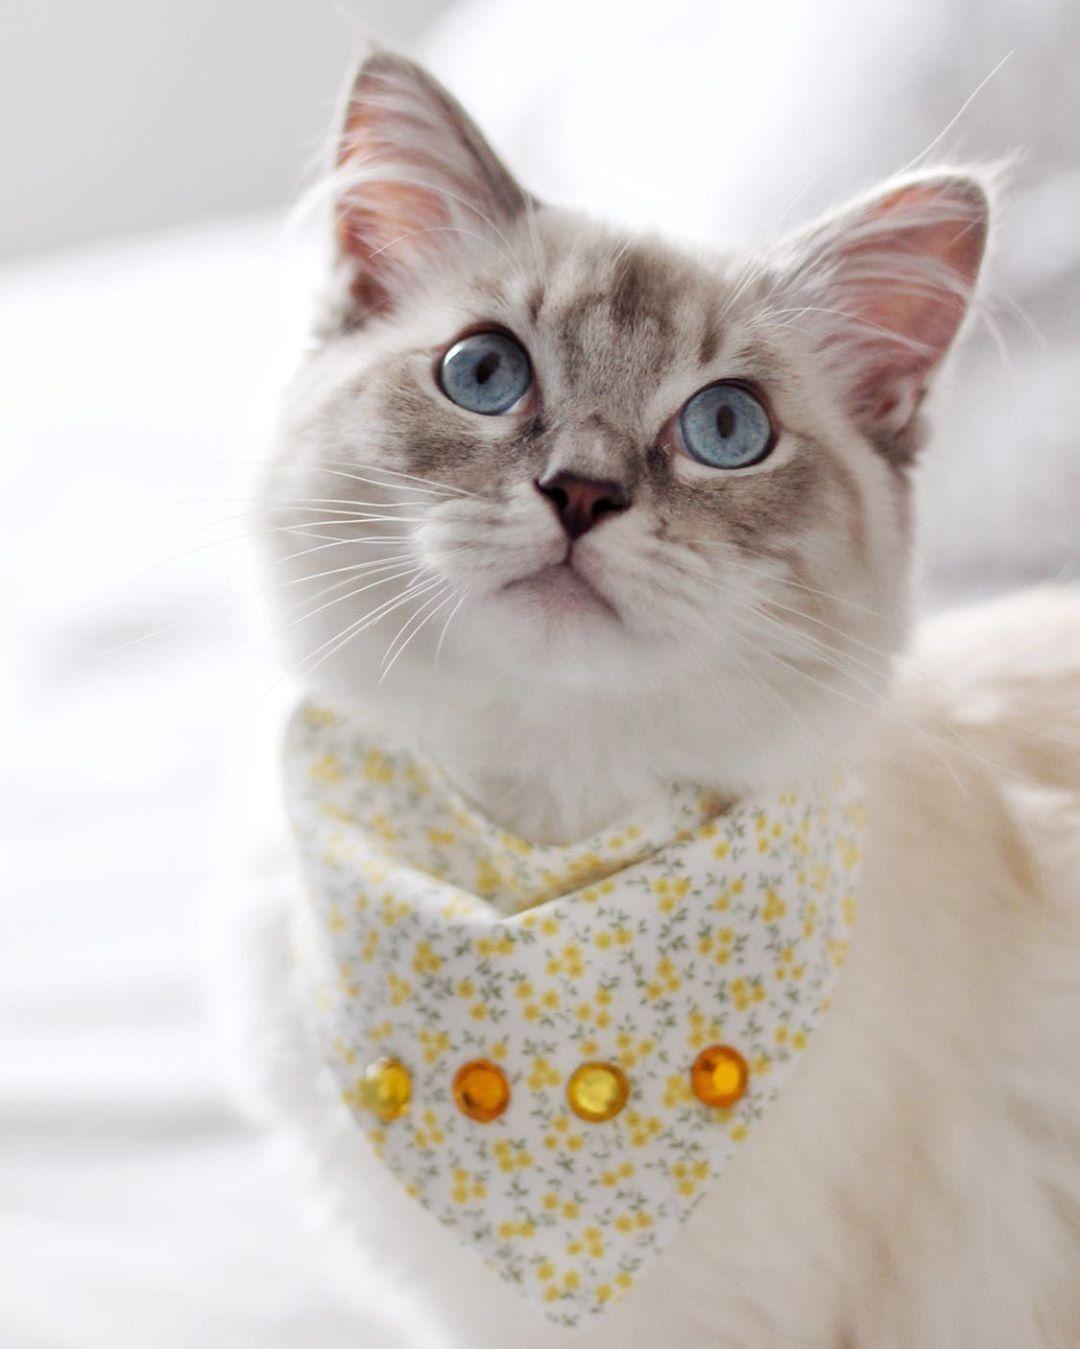 Pin By Satua Vaan On Kissat With Images Sopot Kissat Sopoja Elaimia Cute Kittens